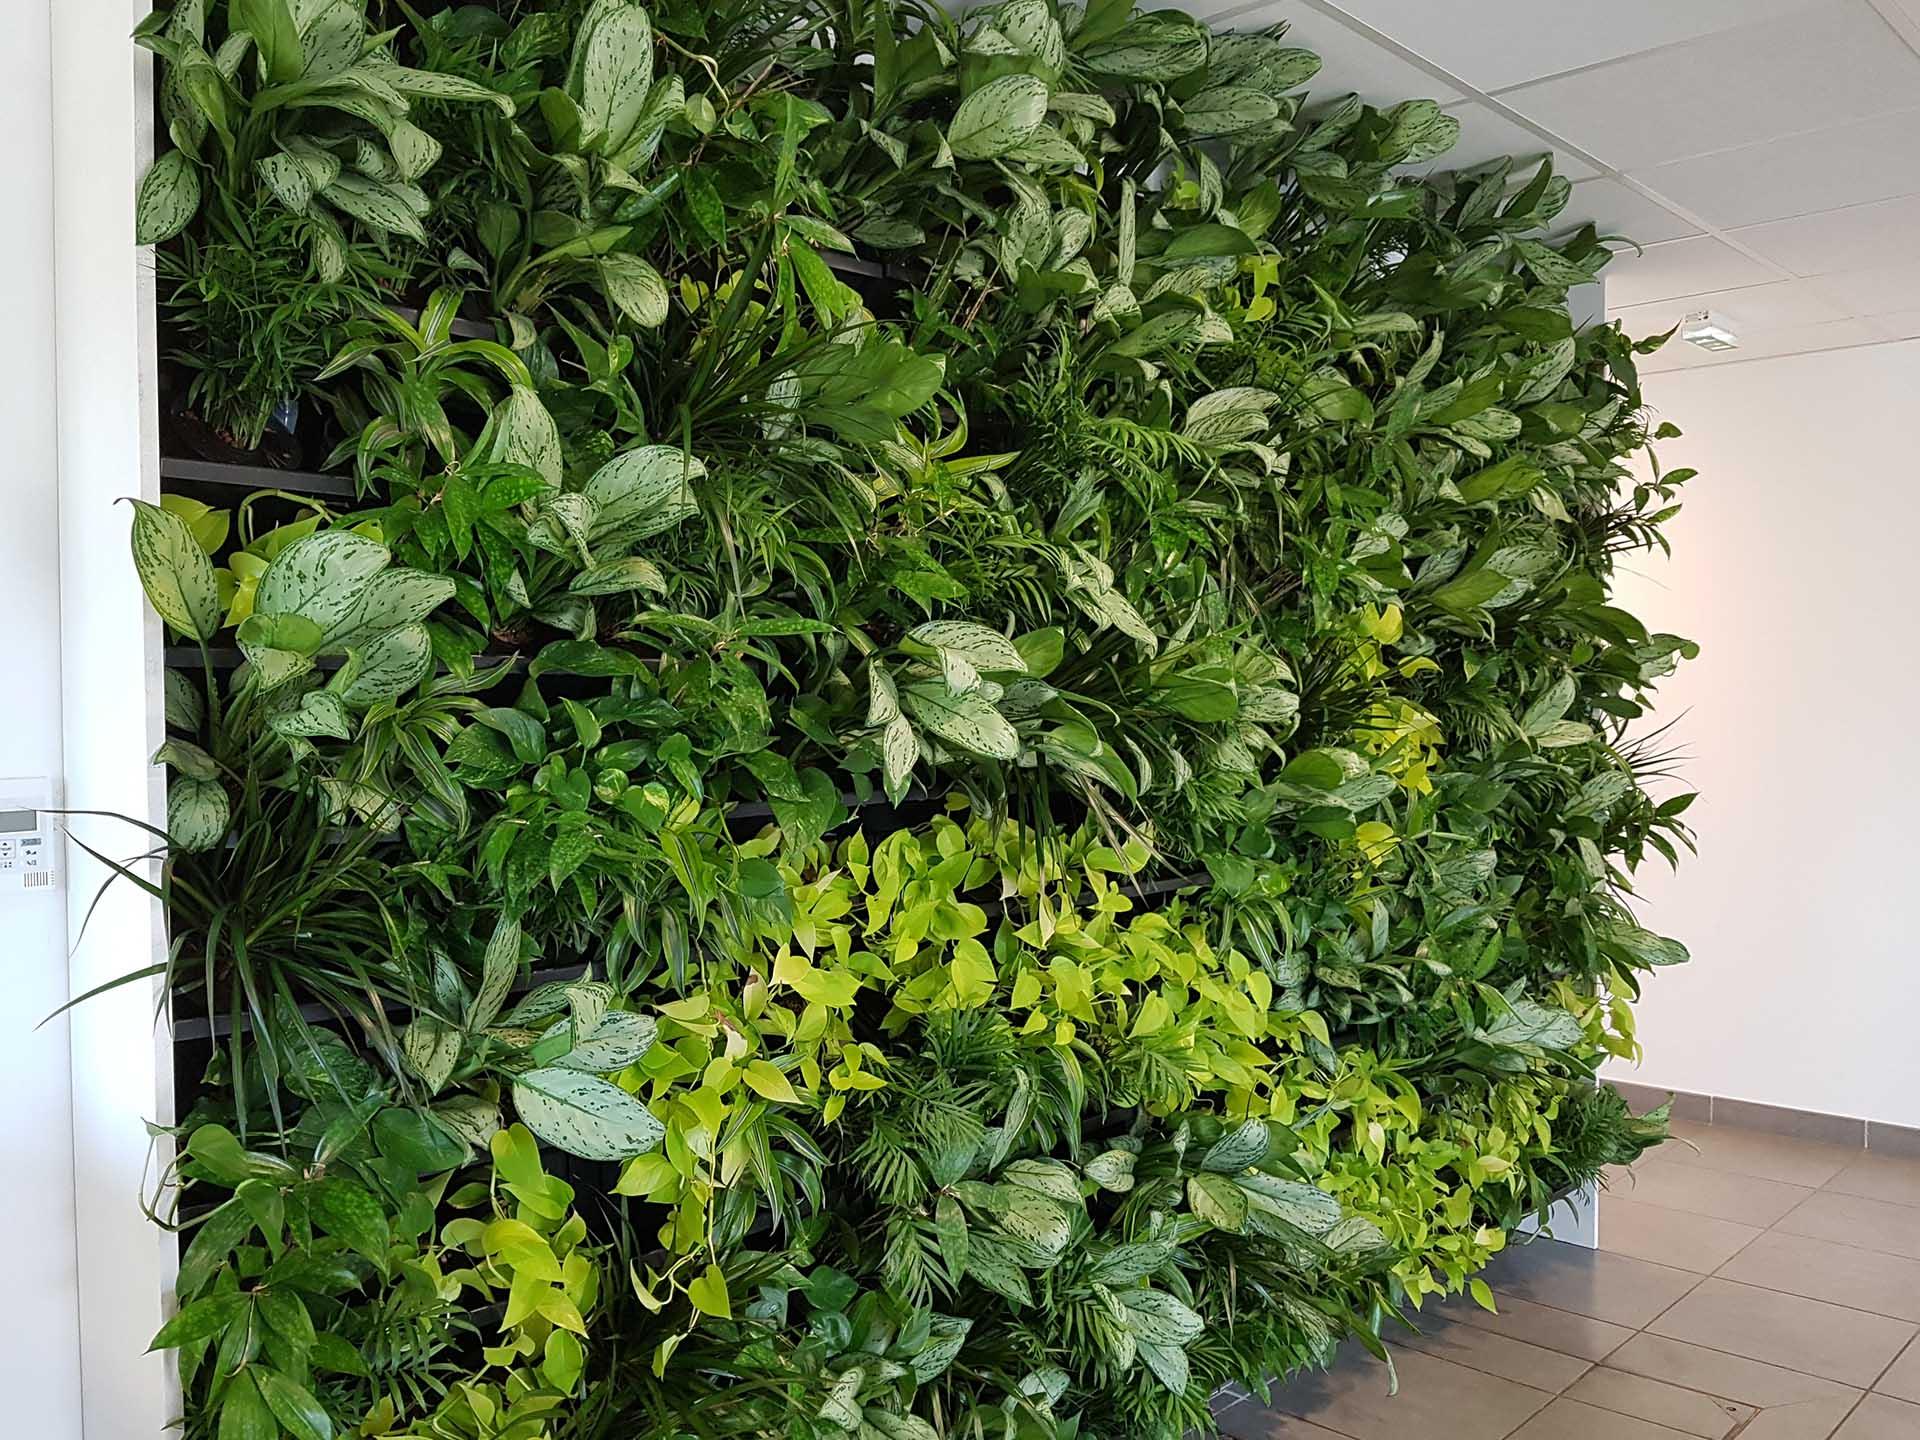 Mur en végétaux vivants